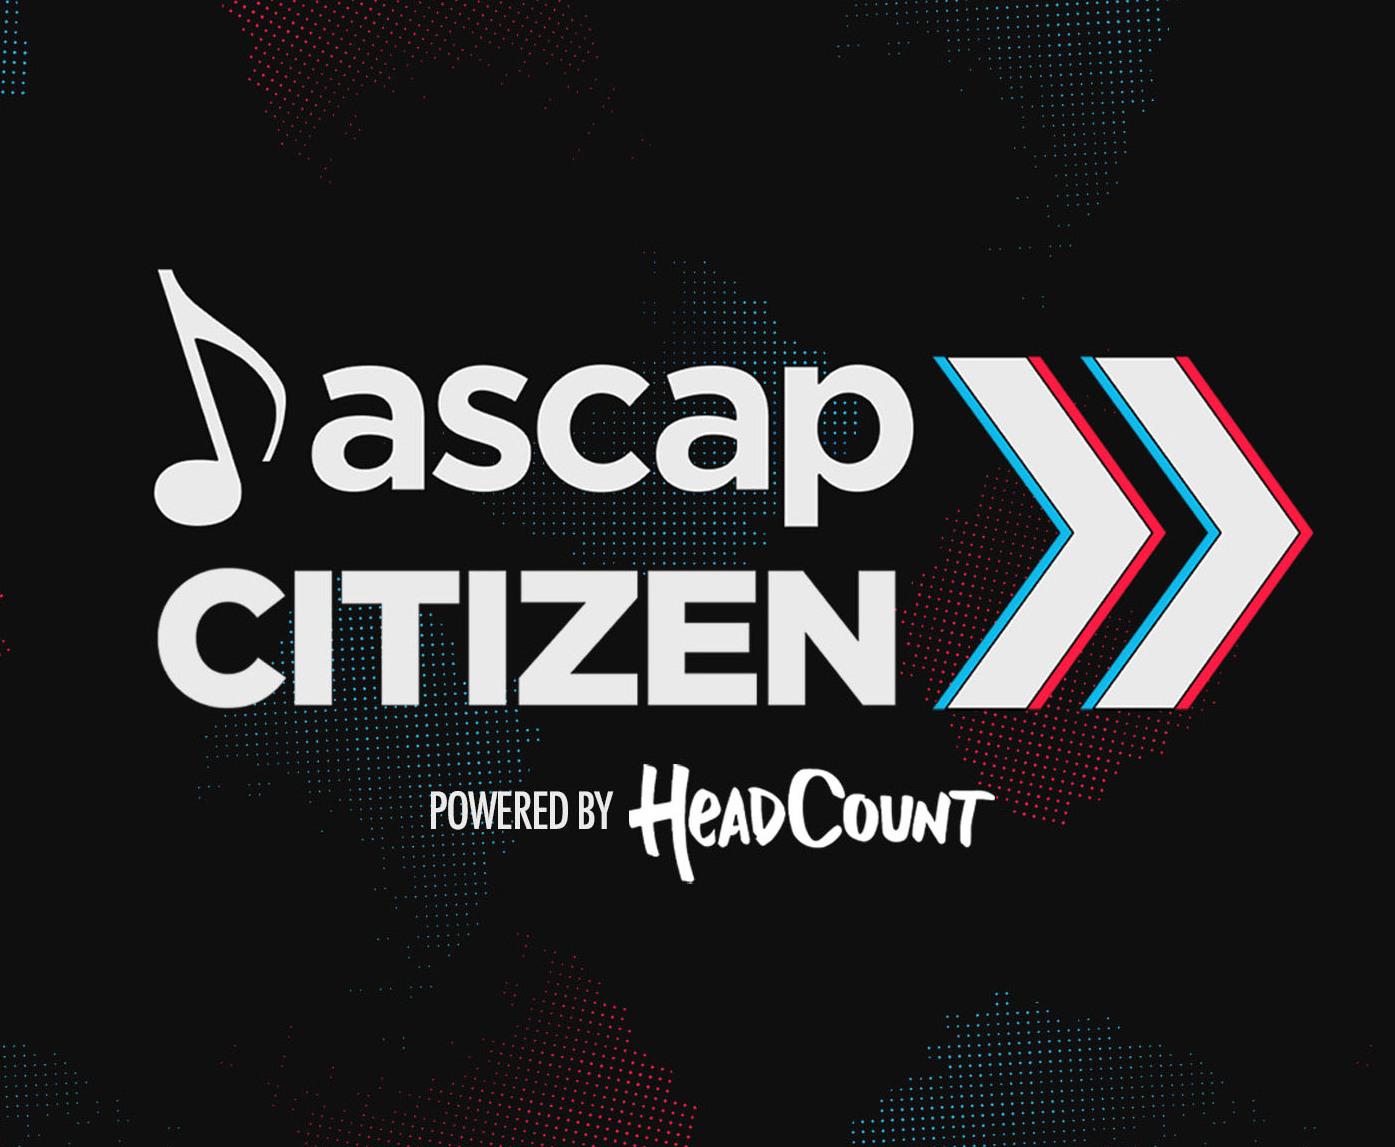 ASCAP ASCAPCitizen Web 2020.8.31 RC MC